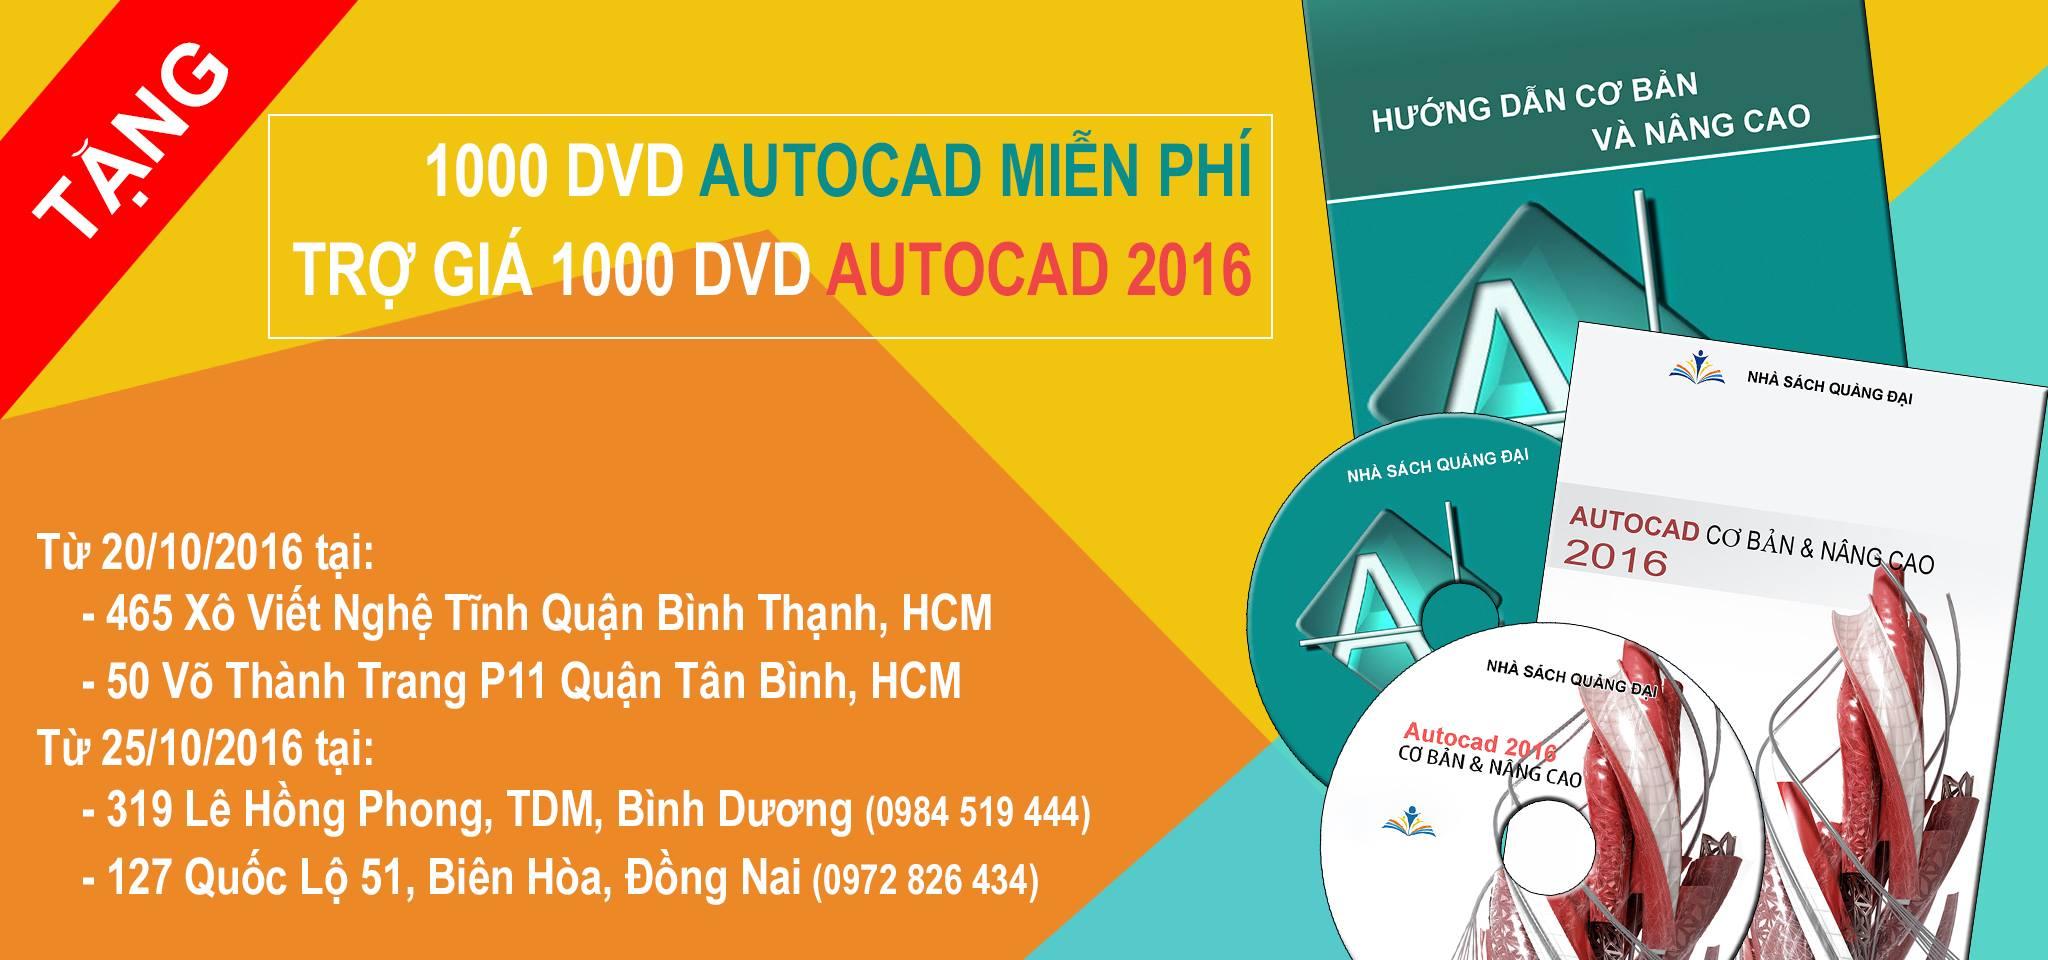 dang-ky-dvd